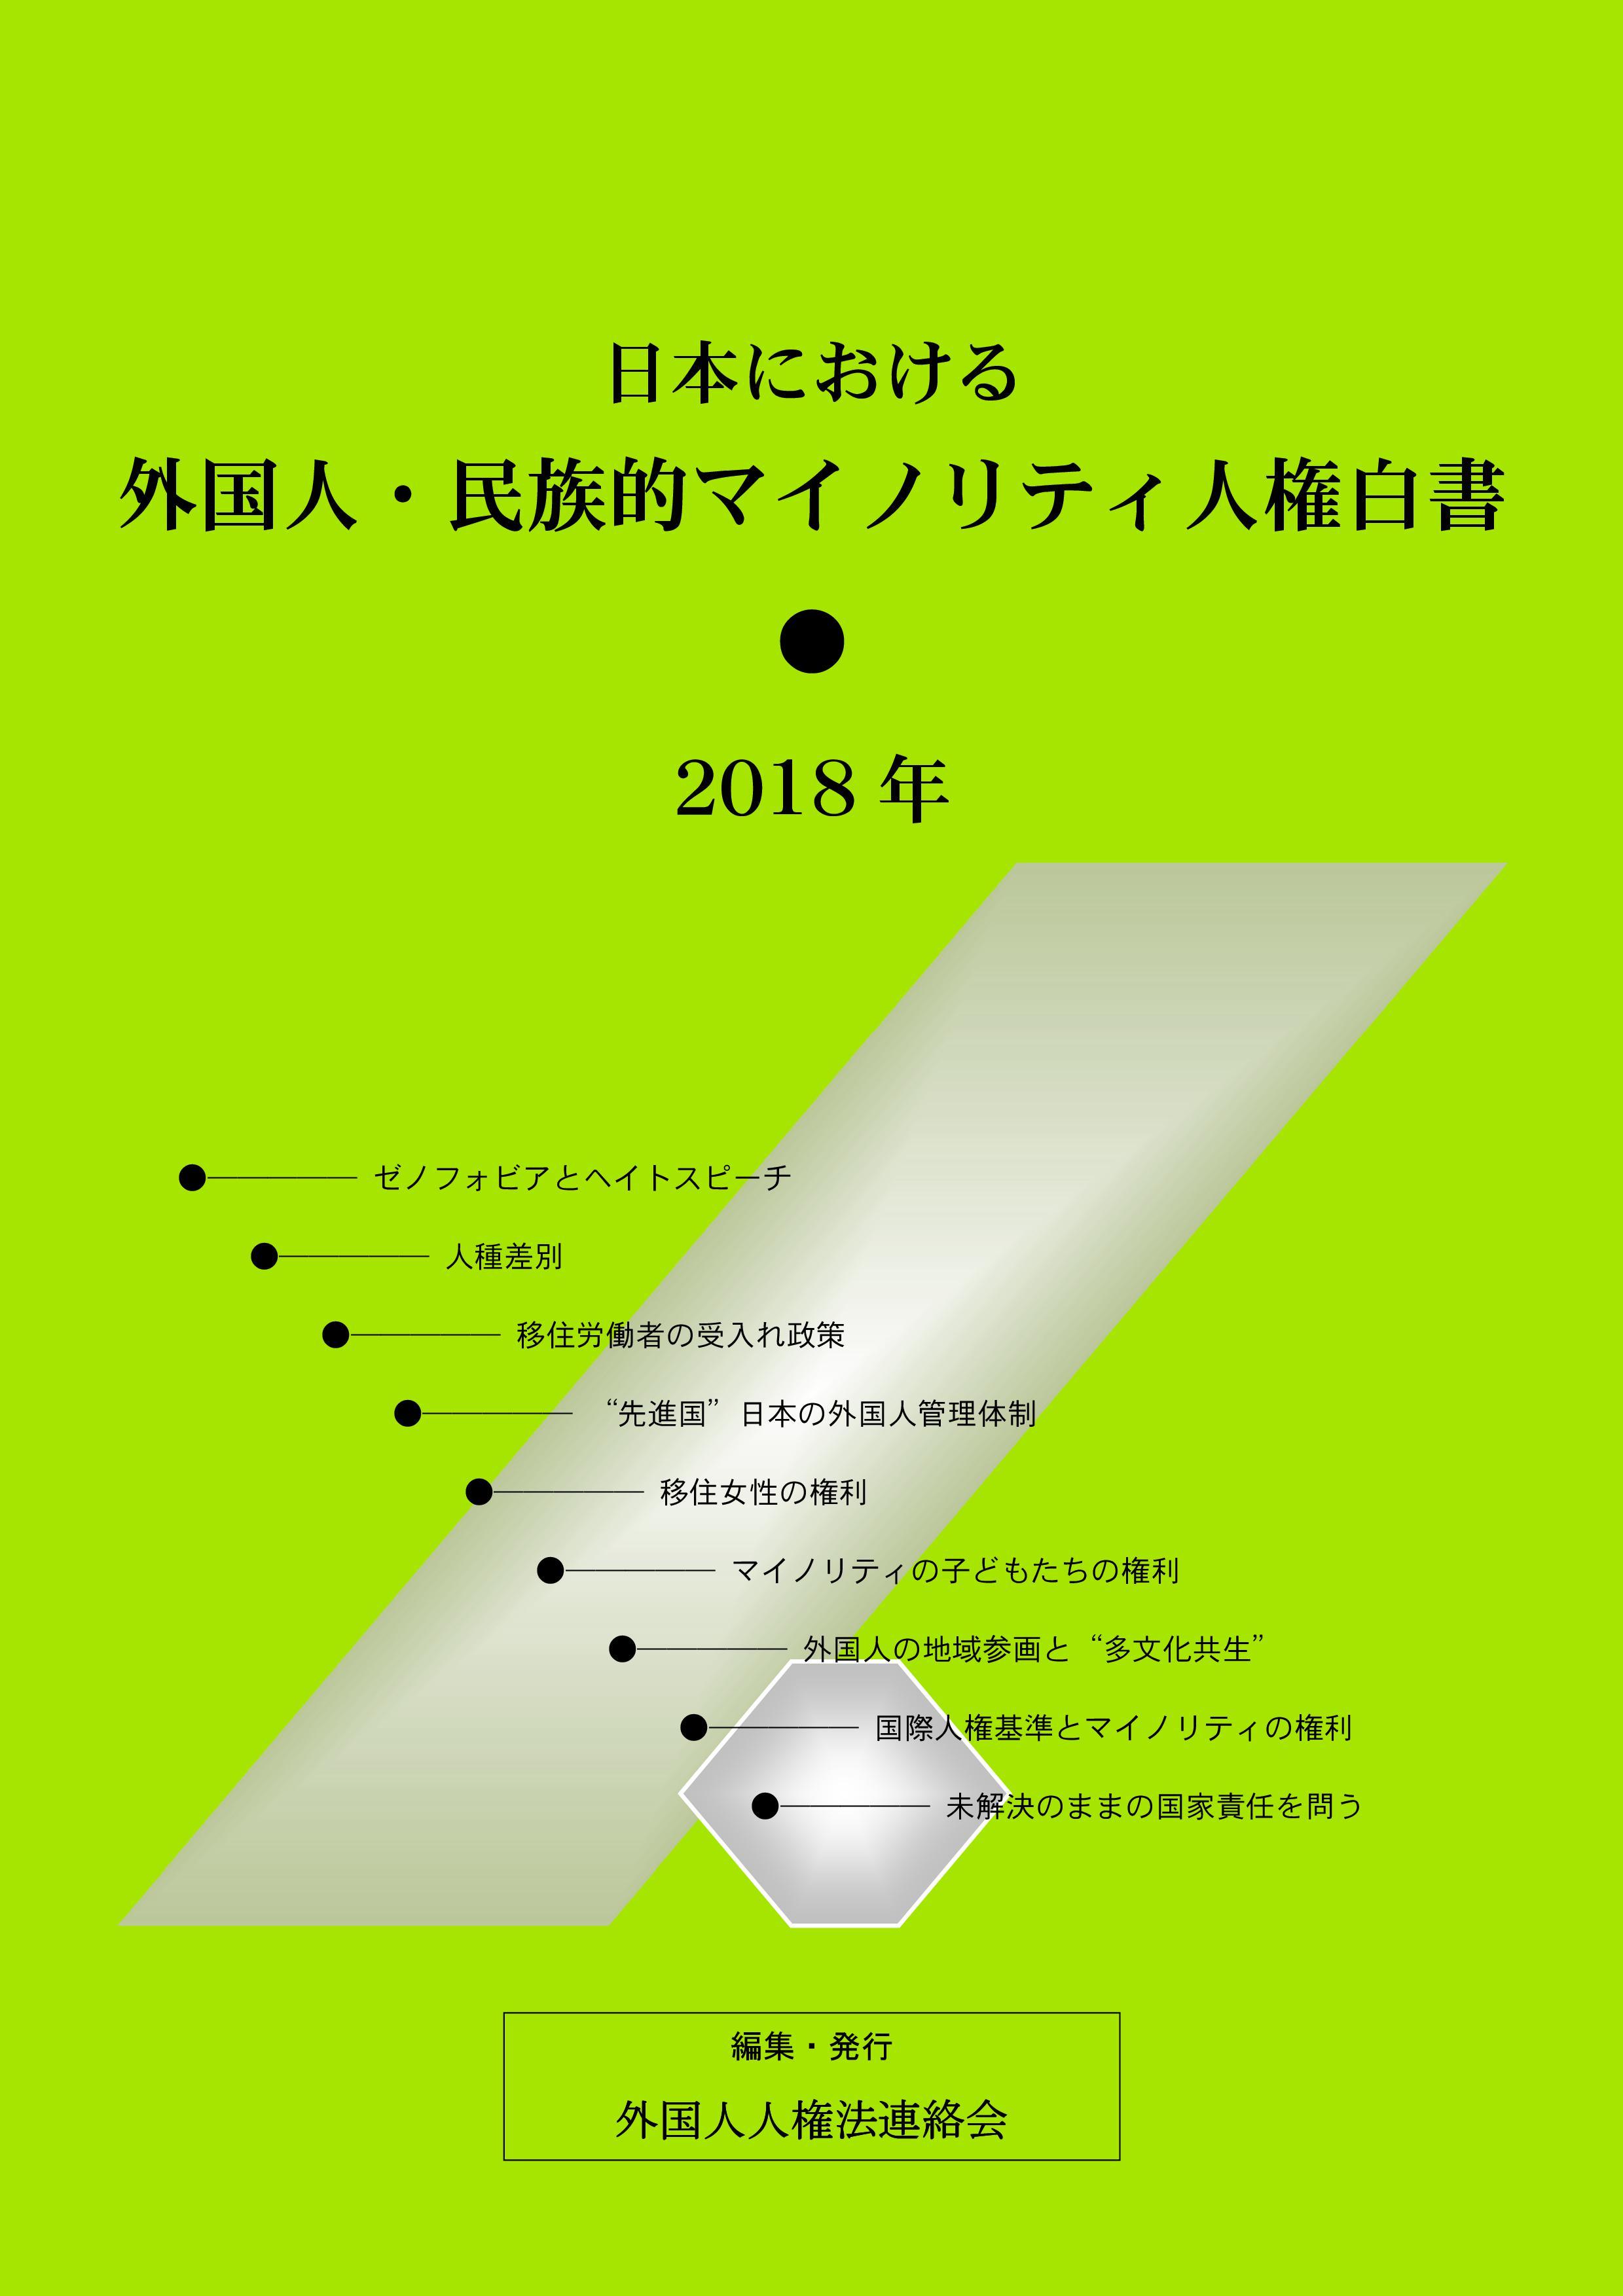 人権白書2018表1